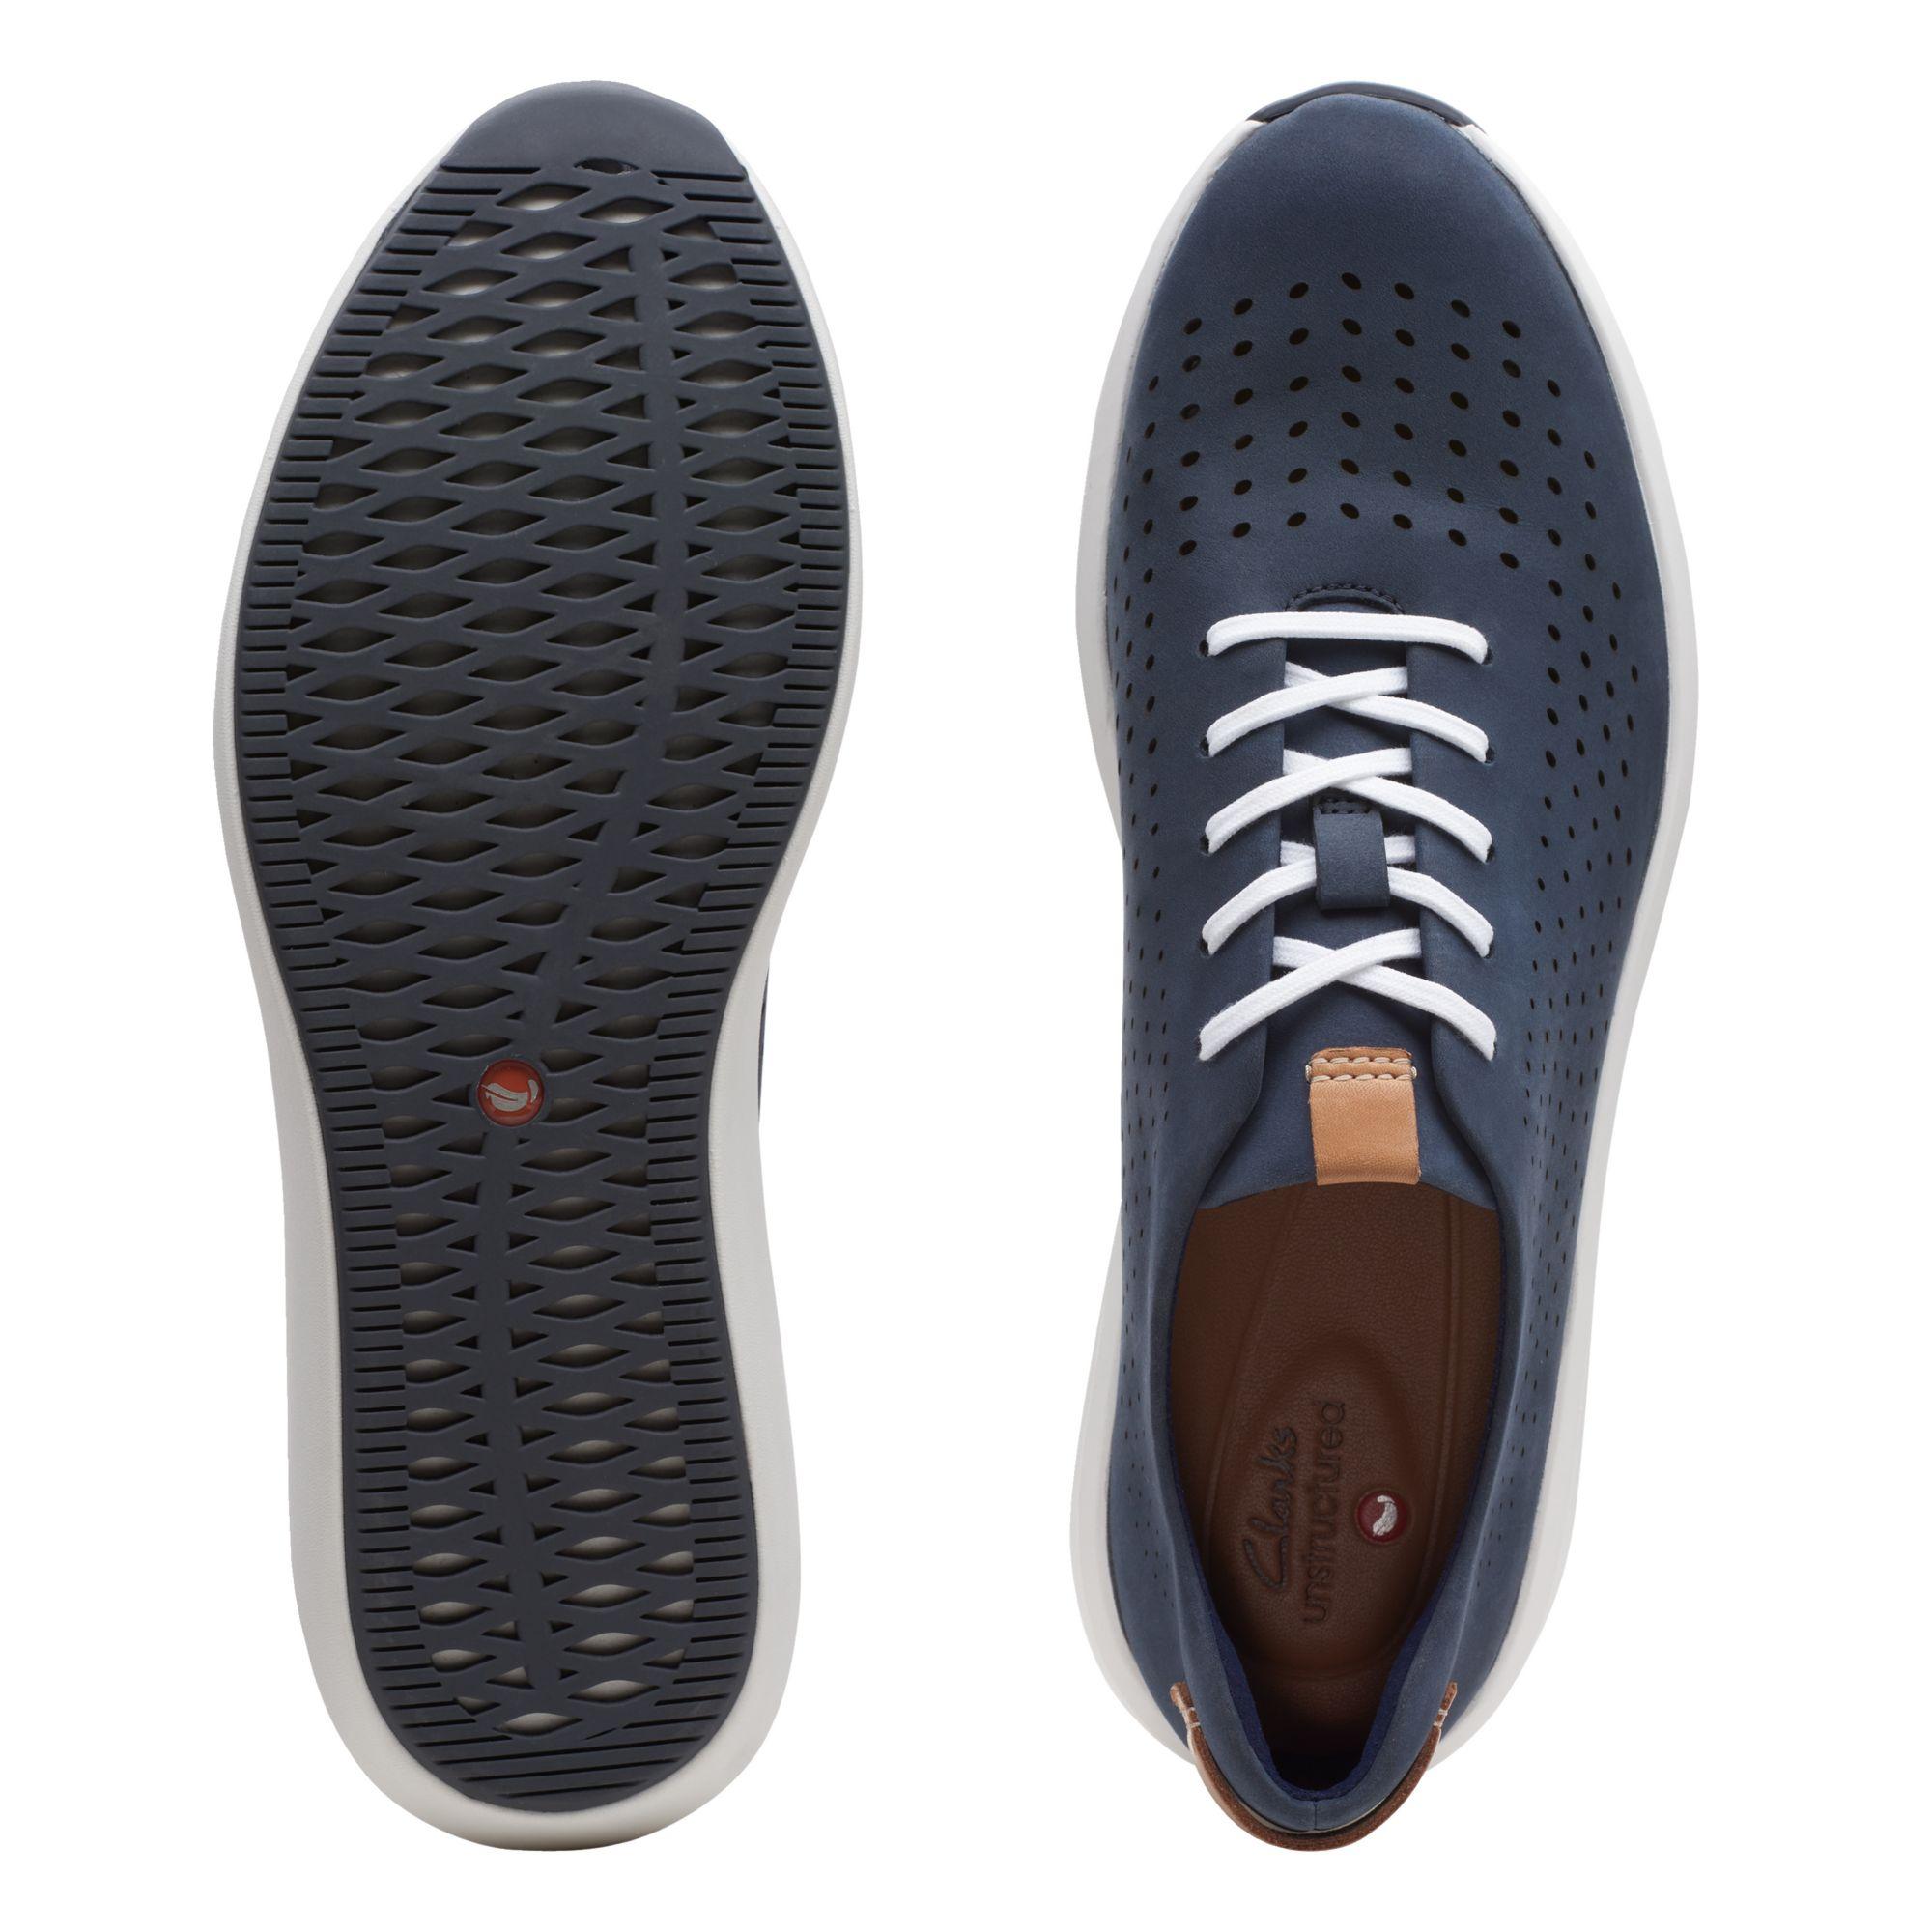 дамски ежедневни перфорирани обувки с връзки Clarks Un Rio Tie морско сини от набук - снимка 7